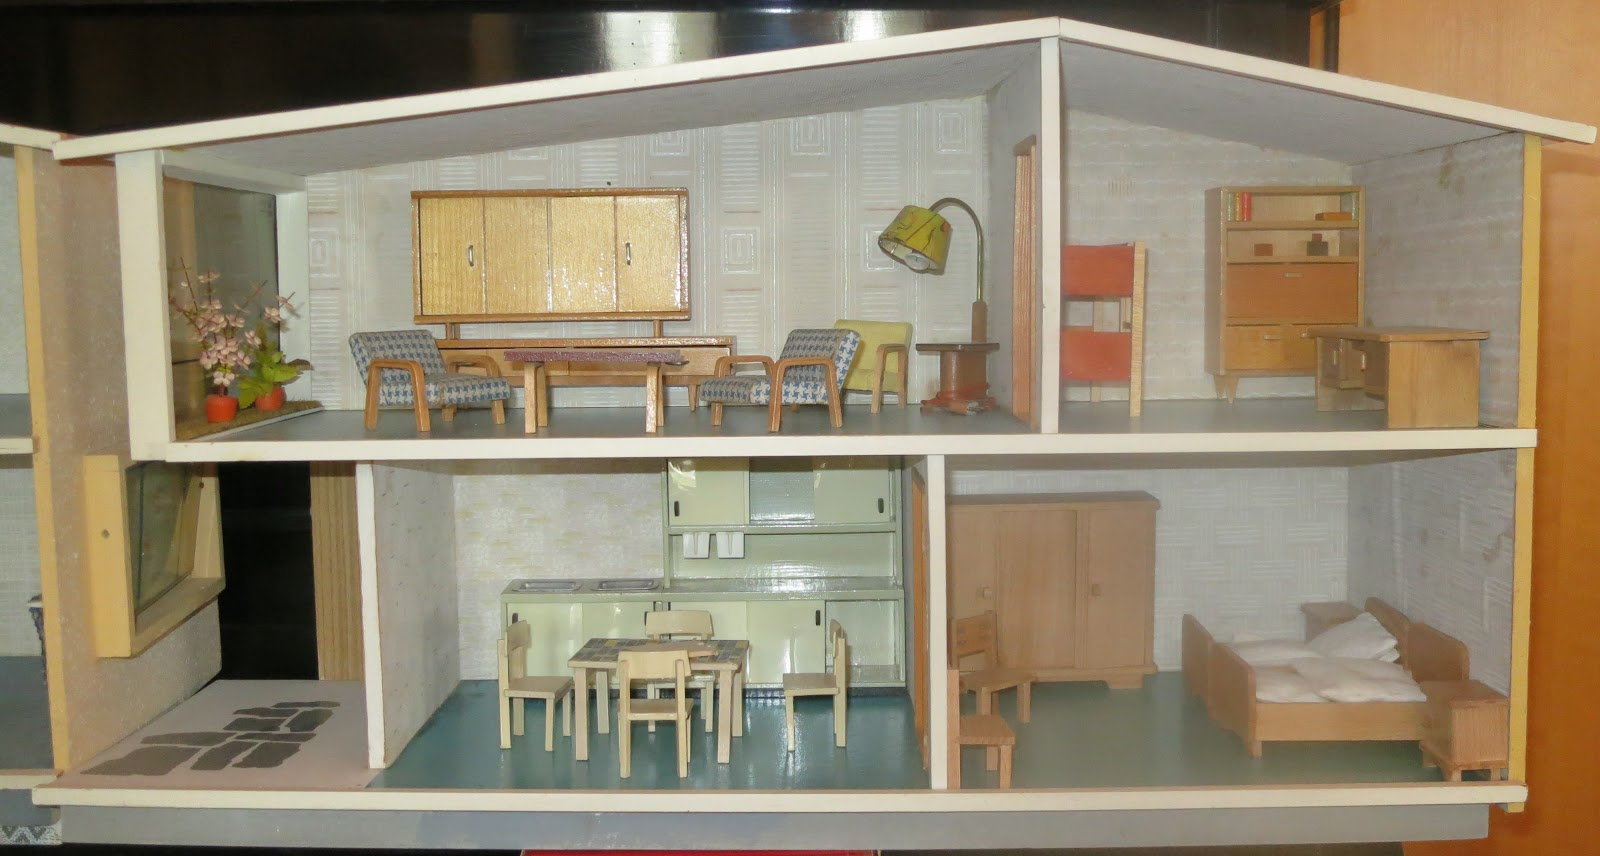 diepuppenstubensammlerin chronologie vero chronology. Black Bedroom Furniture Sets. Home Design Ideas